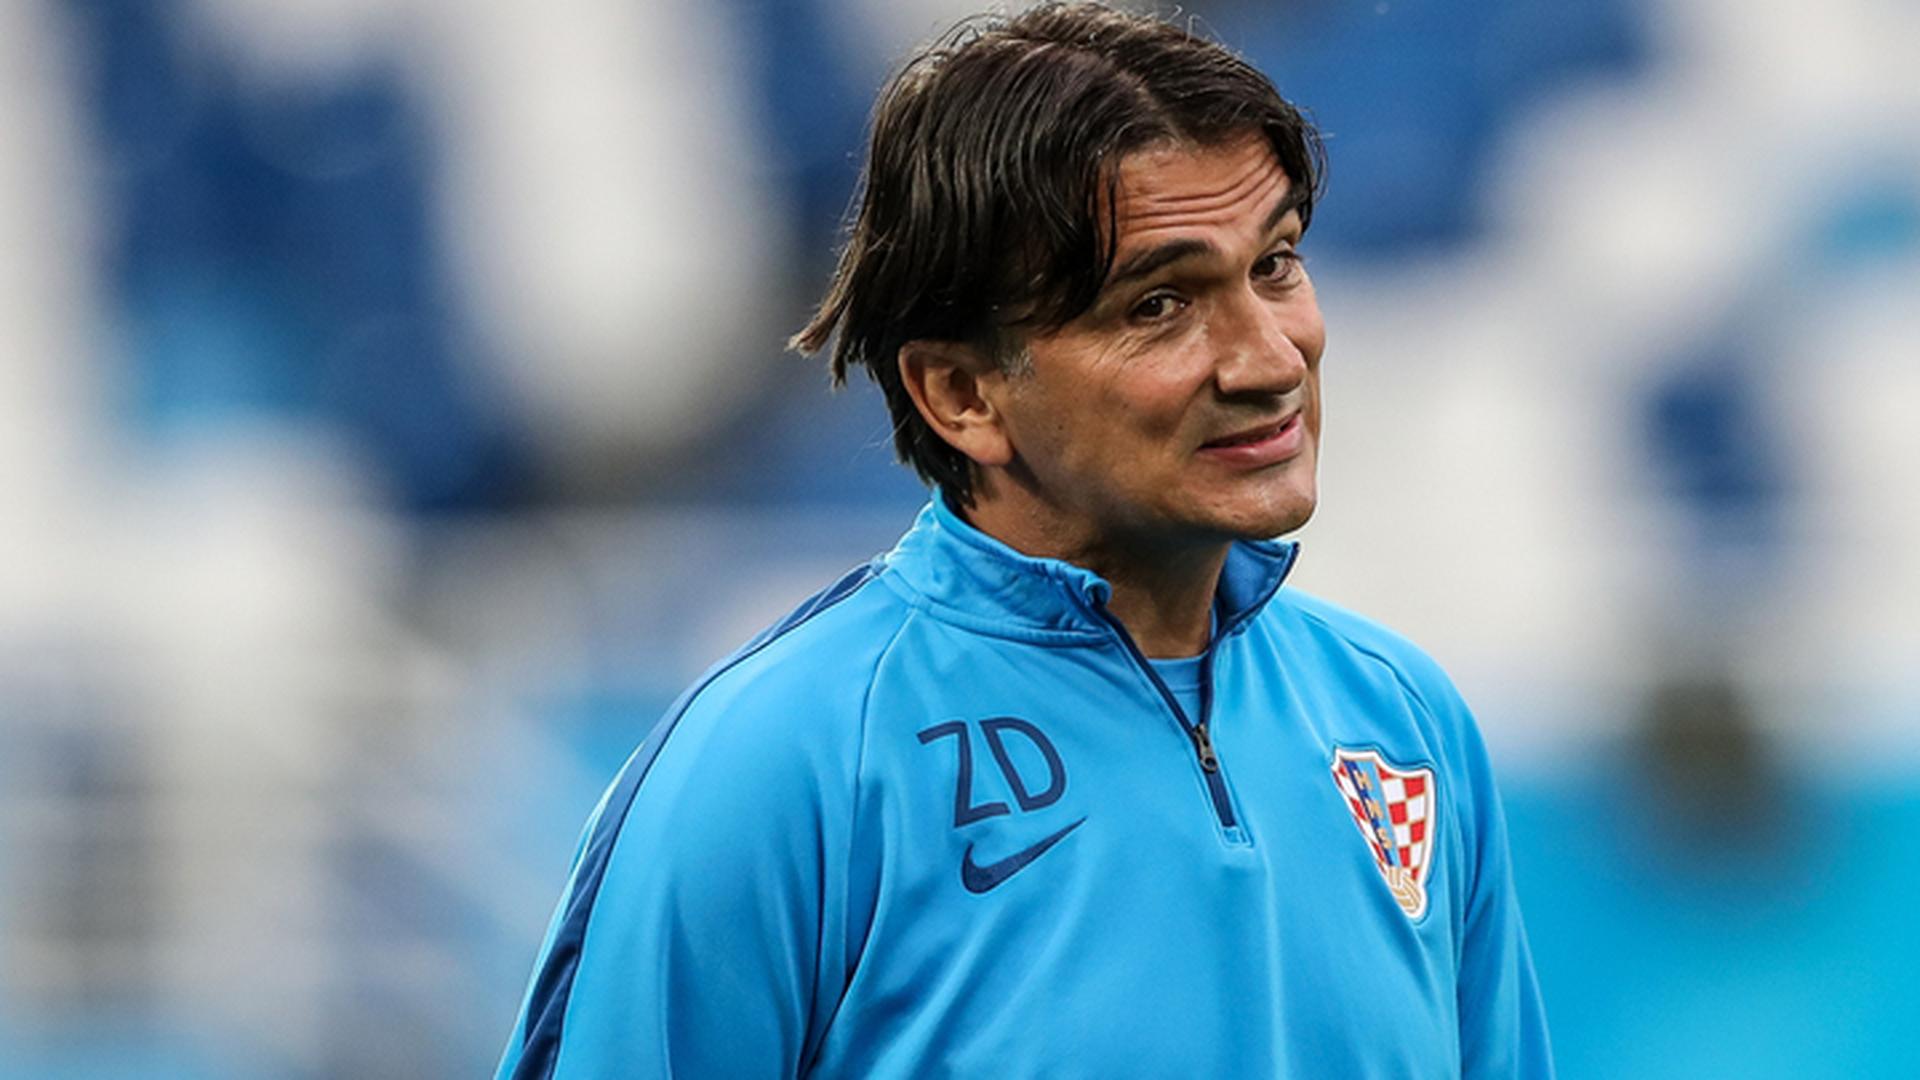 Тренер Далич: для Хорватии финал чемпионата мира – уже большое достижение